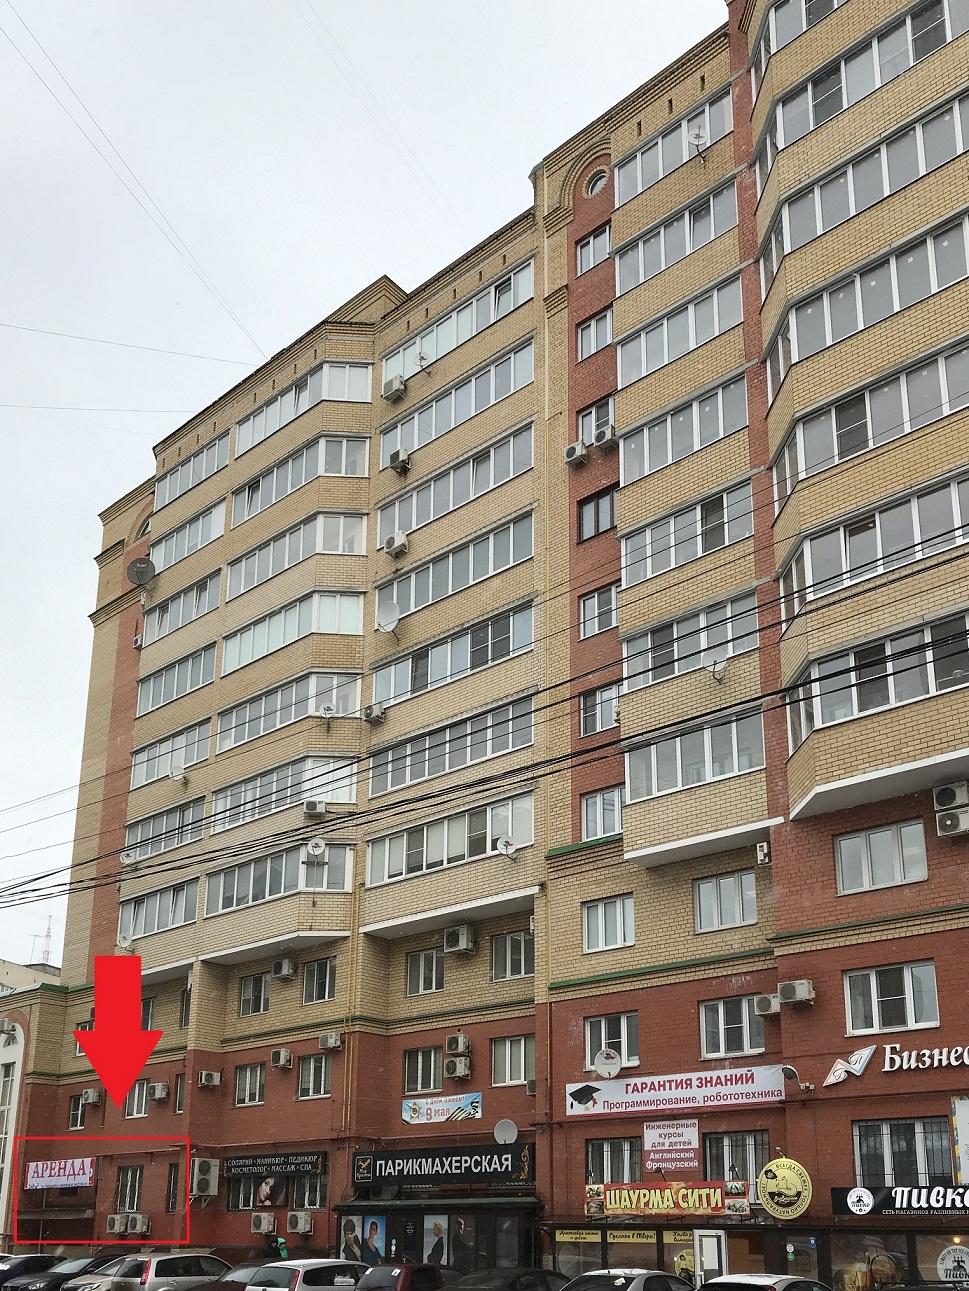 moskovskaya-1(3)